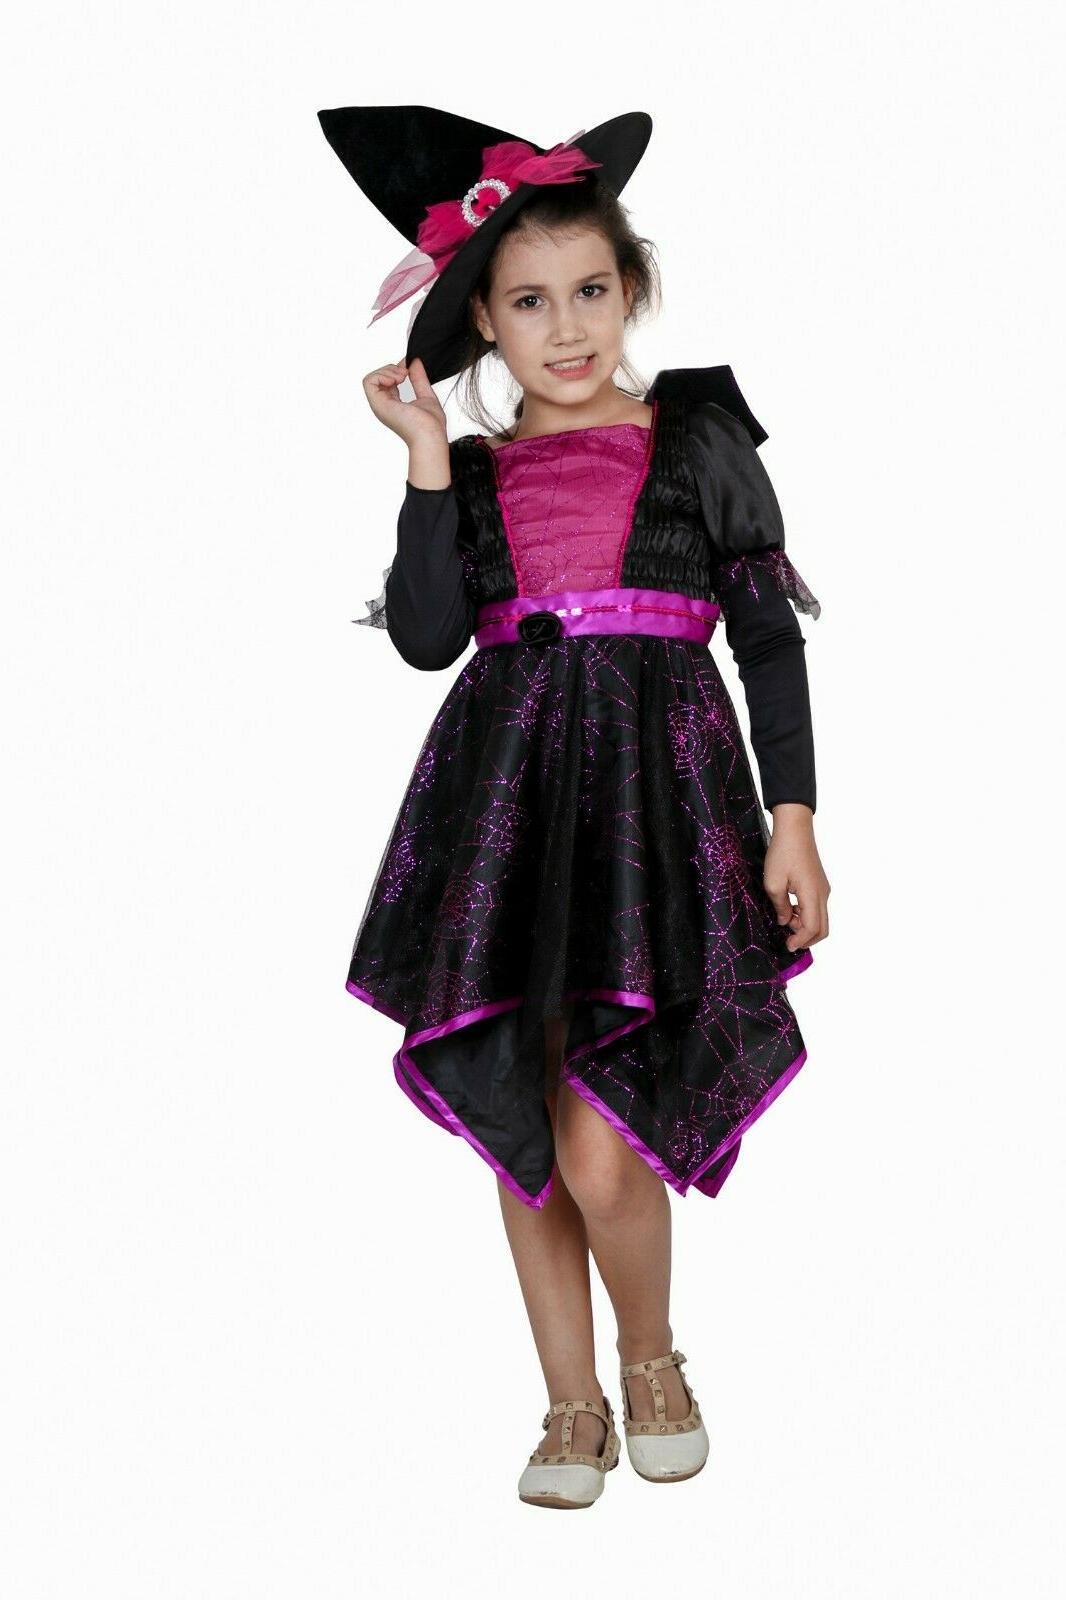 Witch Costume Halloween Party Deluxe Wizard Queen Fancy Dress